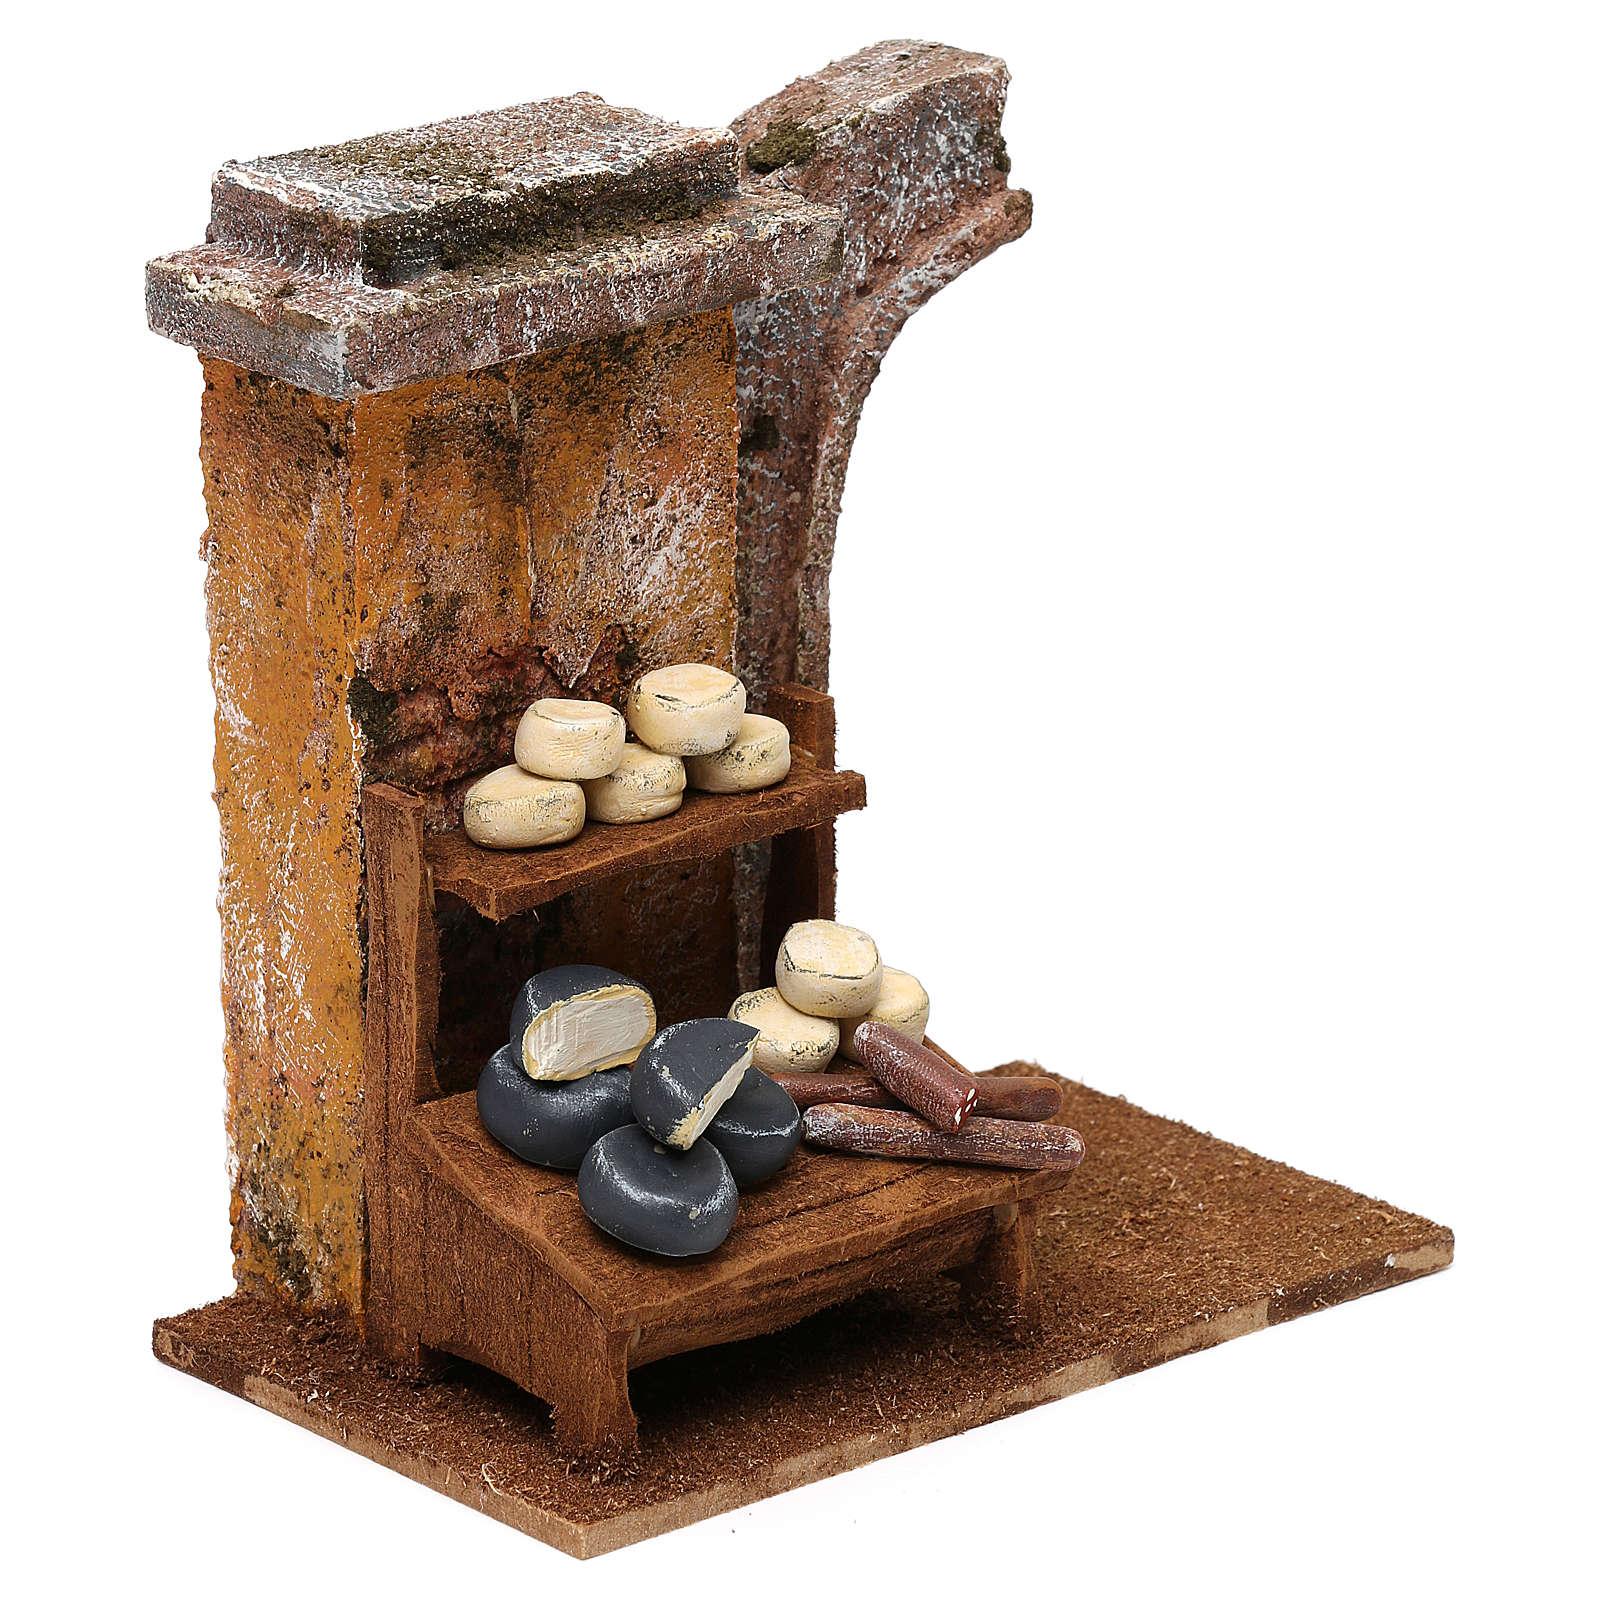 Cheese seller setting for 10 cm Nativity scene, 15x15x10 cm 4